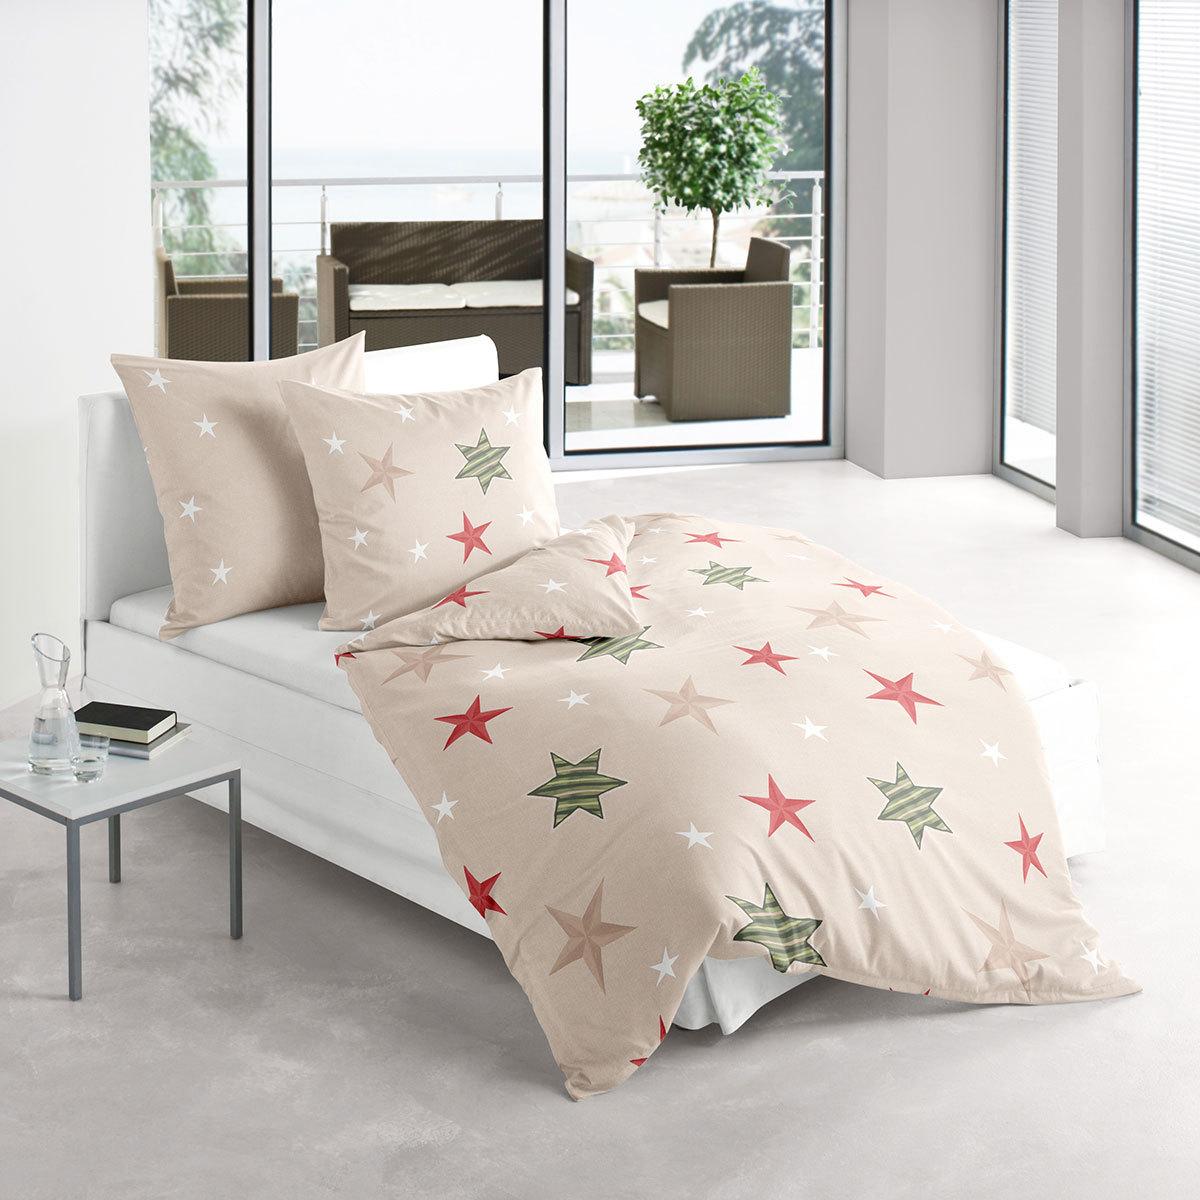 irisette biber bettw sche davos 8657 90 g nstig online kaufen bei bettwaren shop. Black Bedroom Furniture Sets. Home Design Ideas